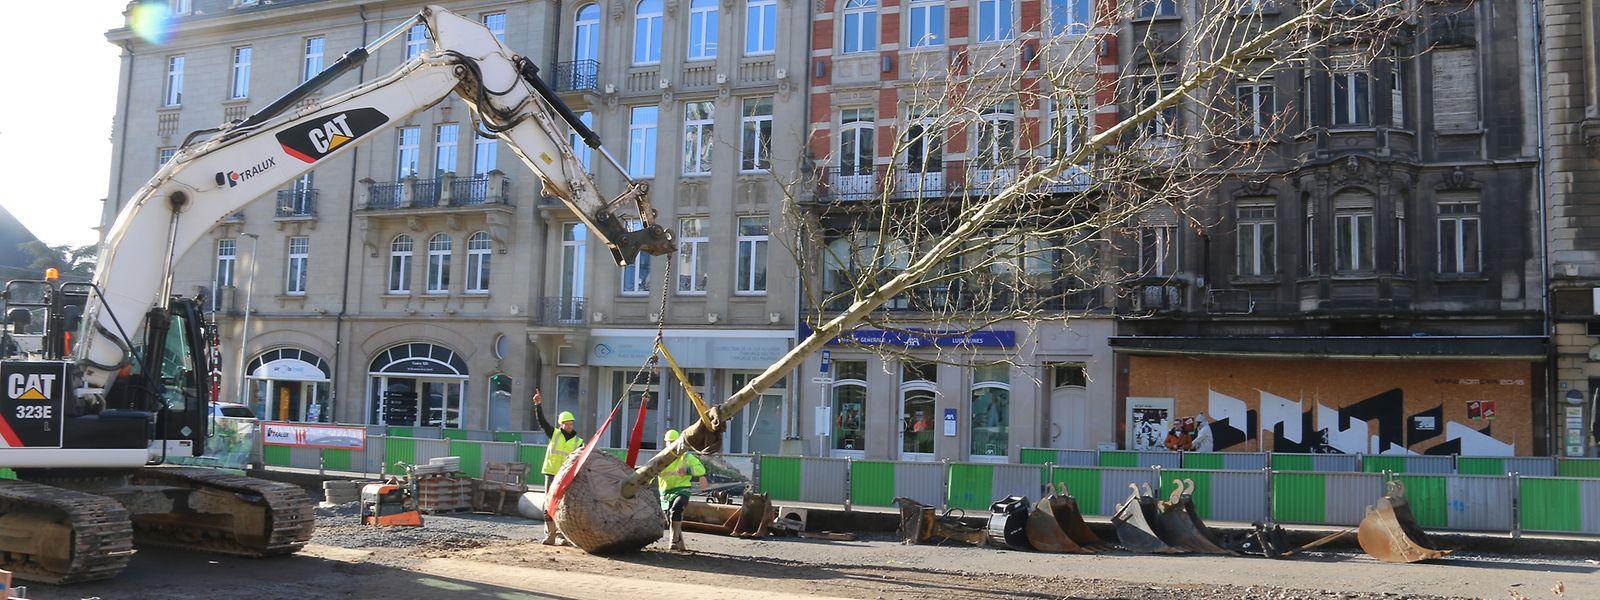 Désormais, deux platanes seront plantés chaque jour sur l'avenue.